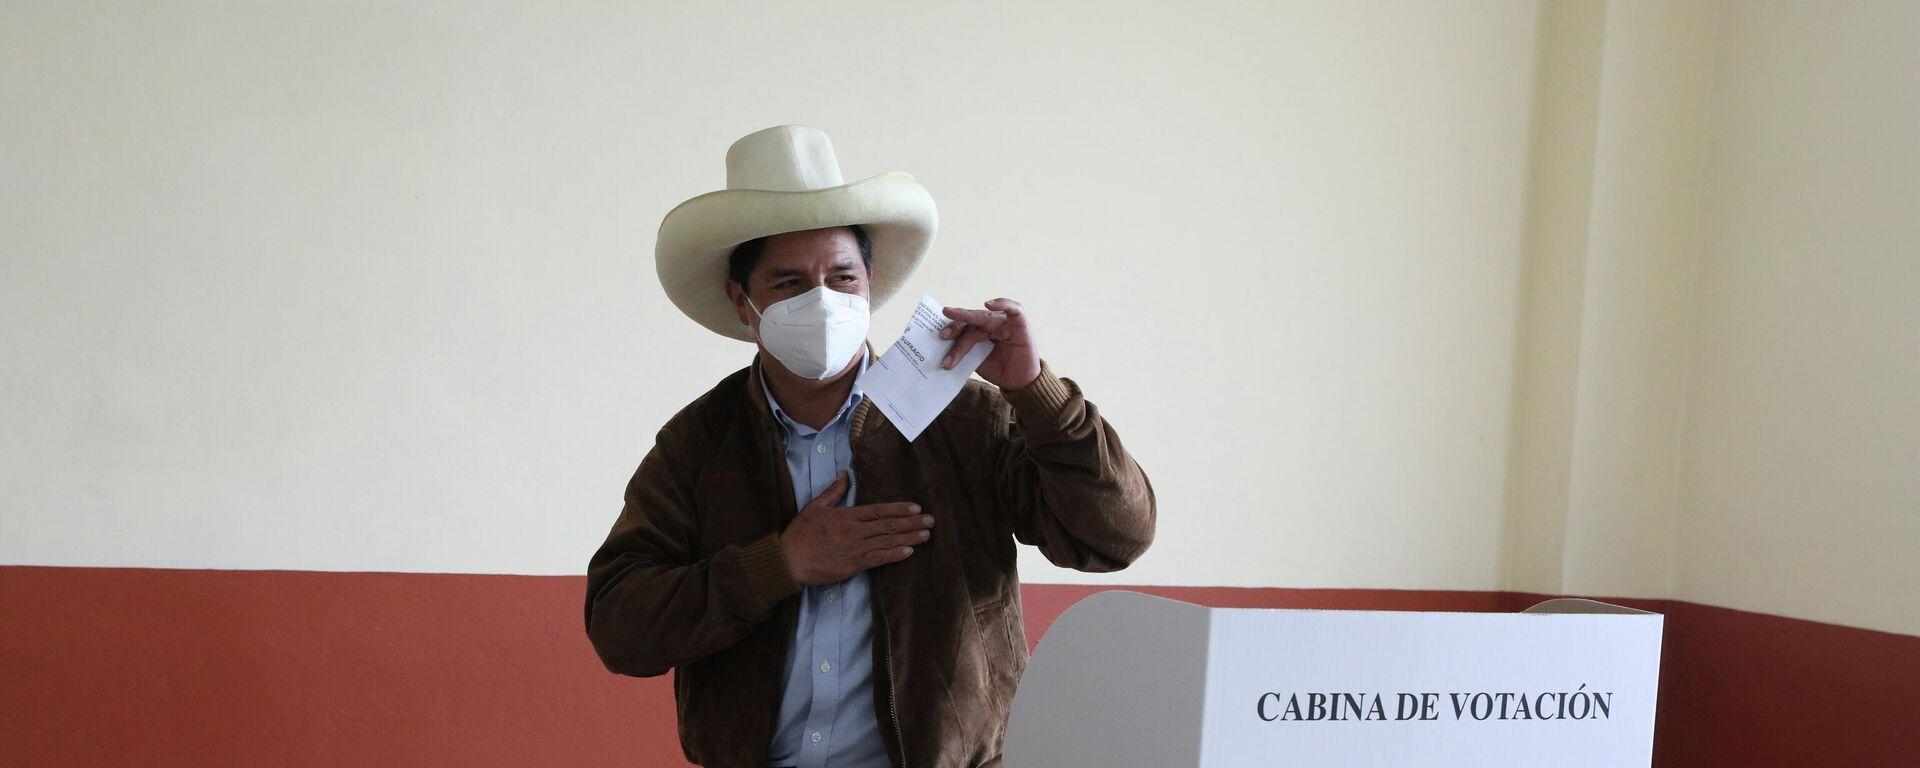 Pedro Castillo, candidato presidencial peruano - Sputnik Mundo, 1920, 06.06.2021